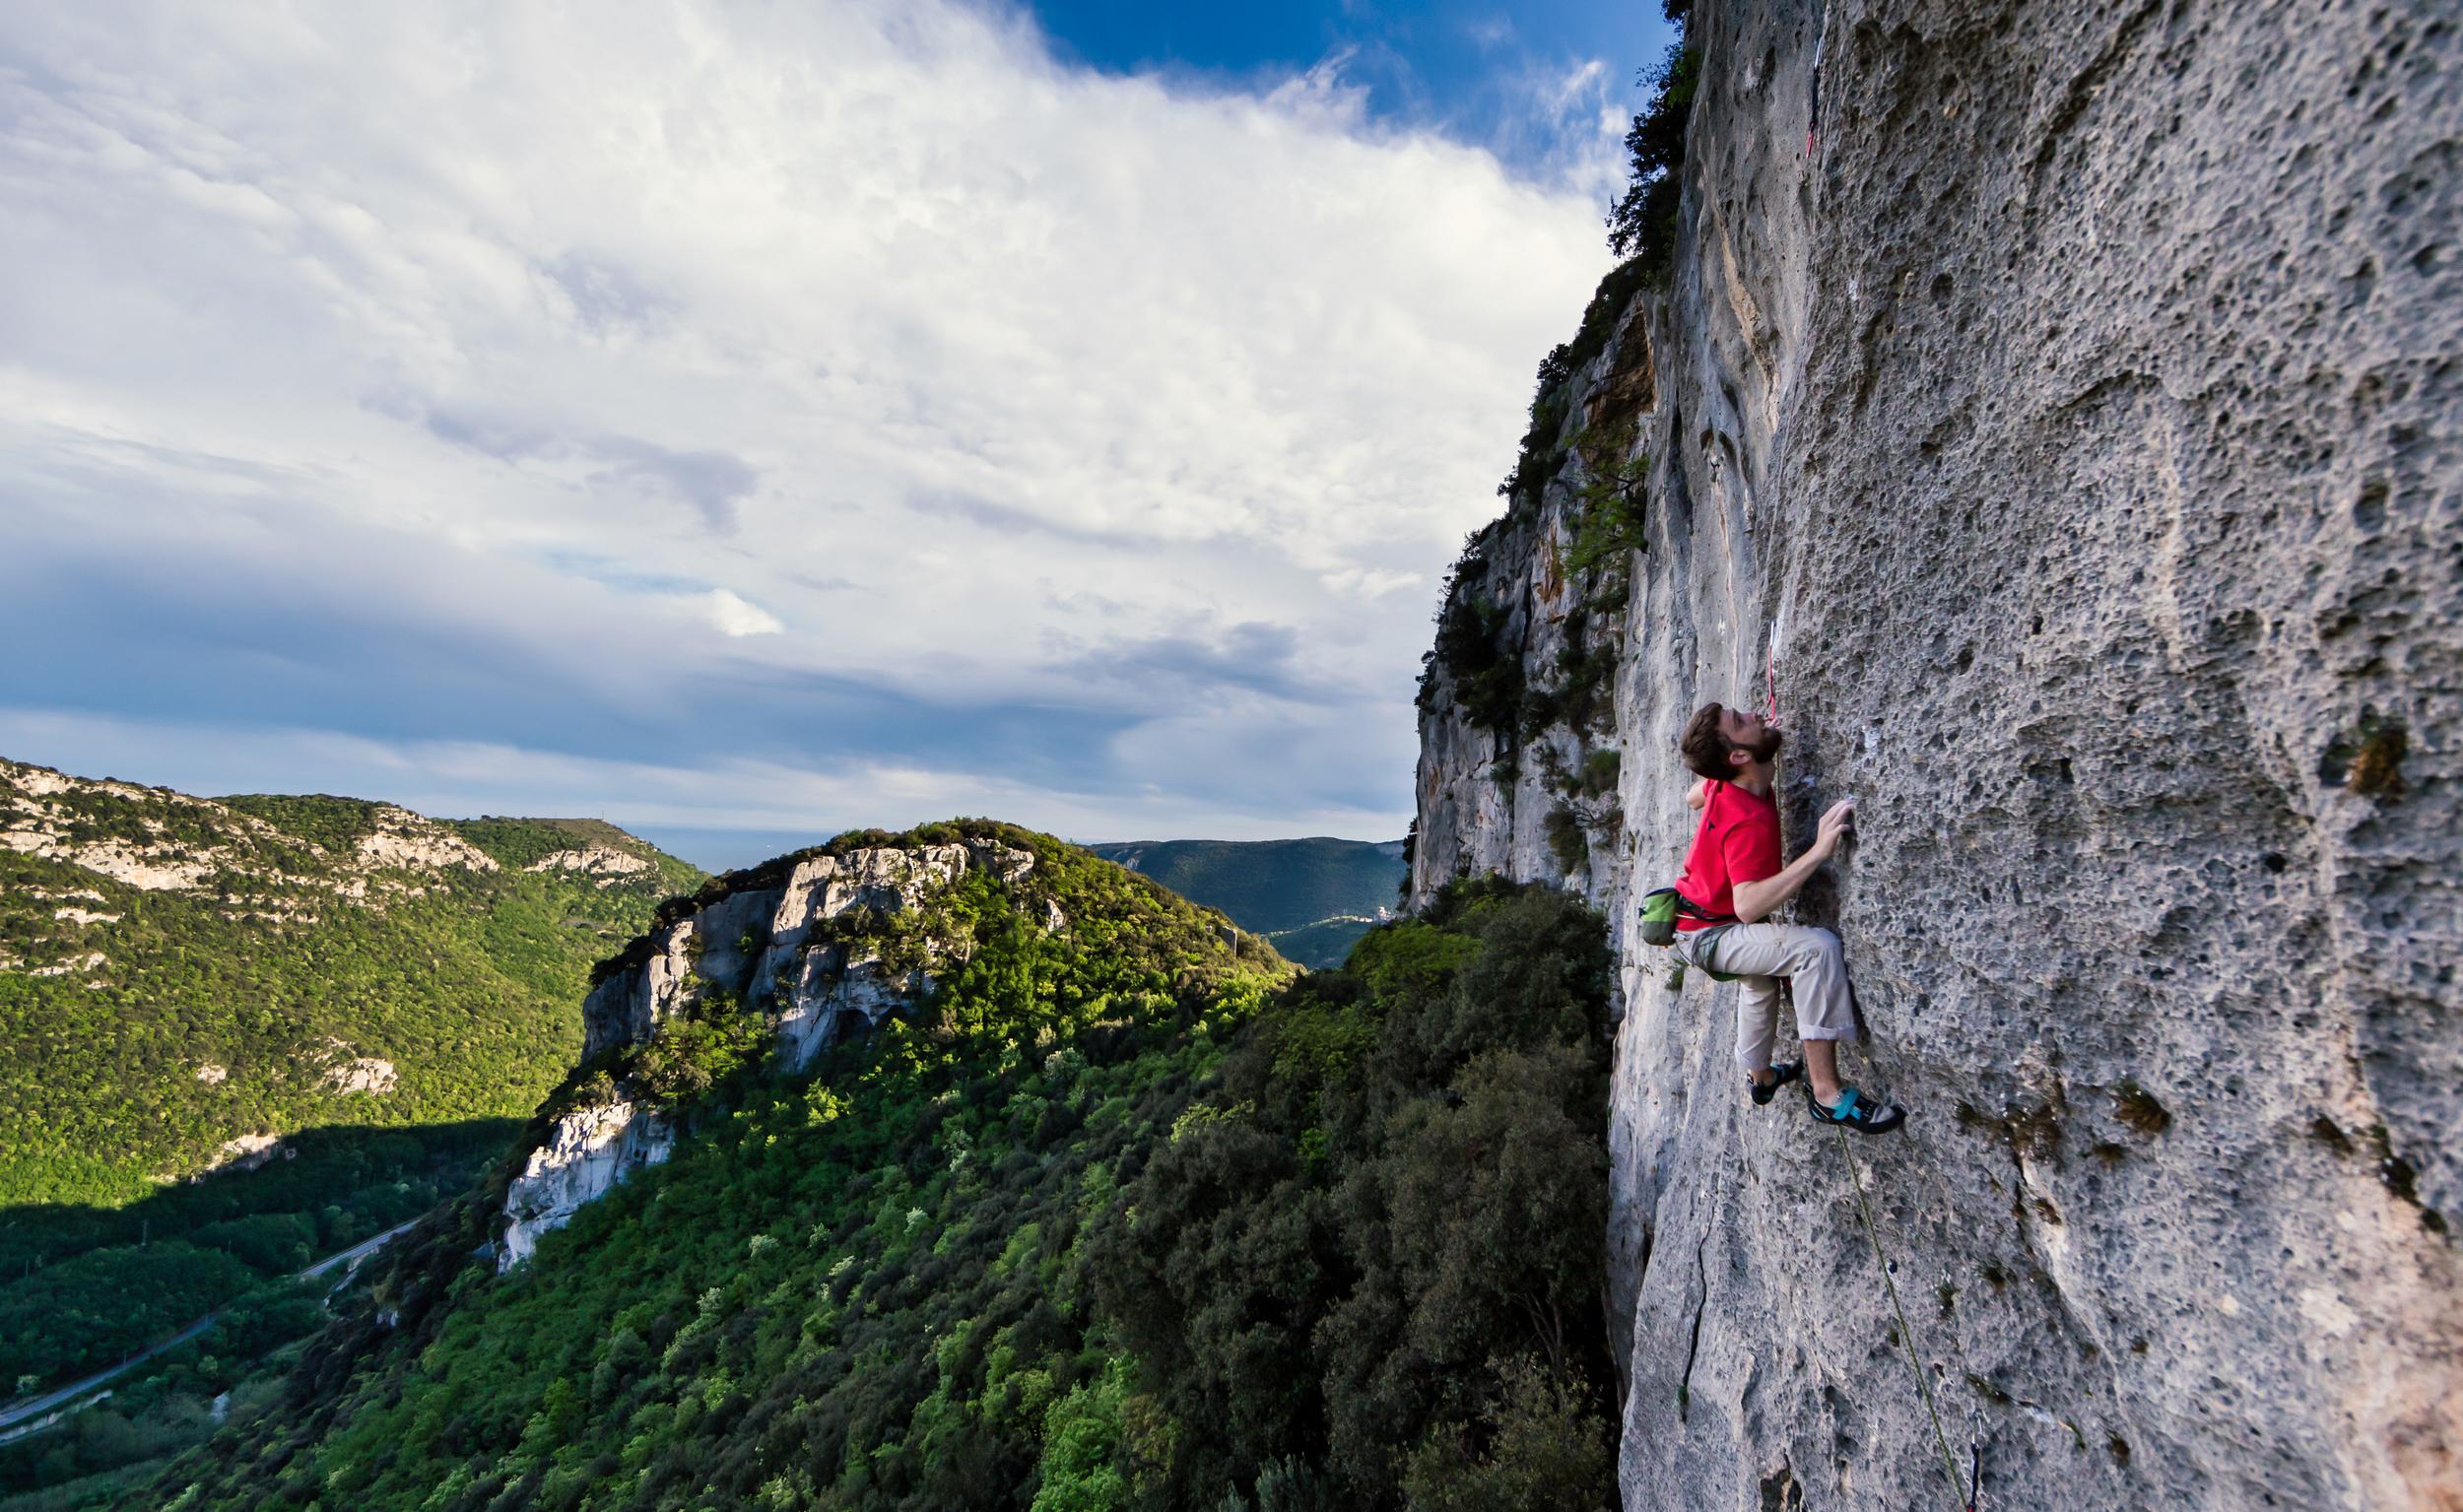 Martin Mckenna climbing La Cengia Allegra (7a) at Bric Scimarco. Shot on Canon 6D +Canon 24-70 f/2.8 + LEE Filters .6 Soft Grad ND.